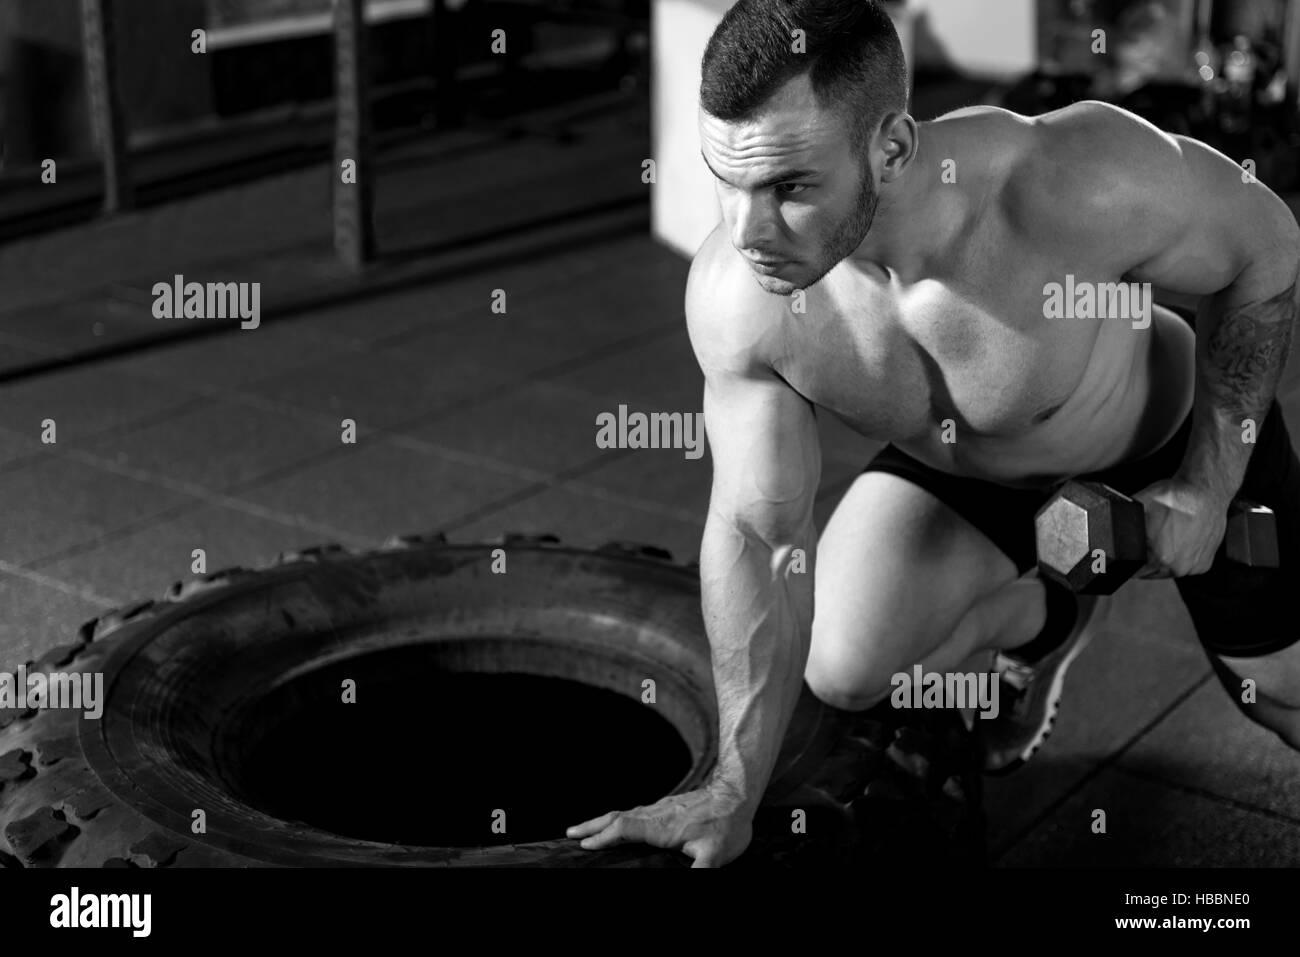 Atletico uomo muscolare avente pesi allenamento Immagini Stock